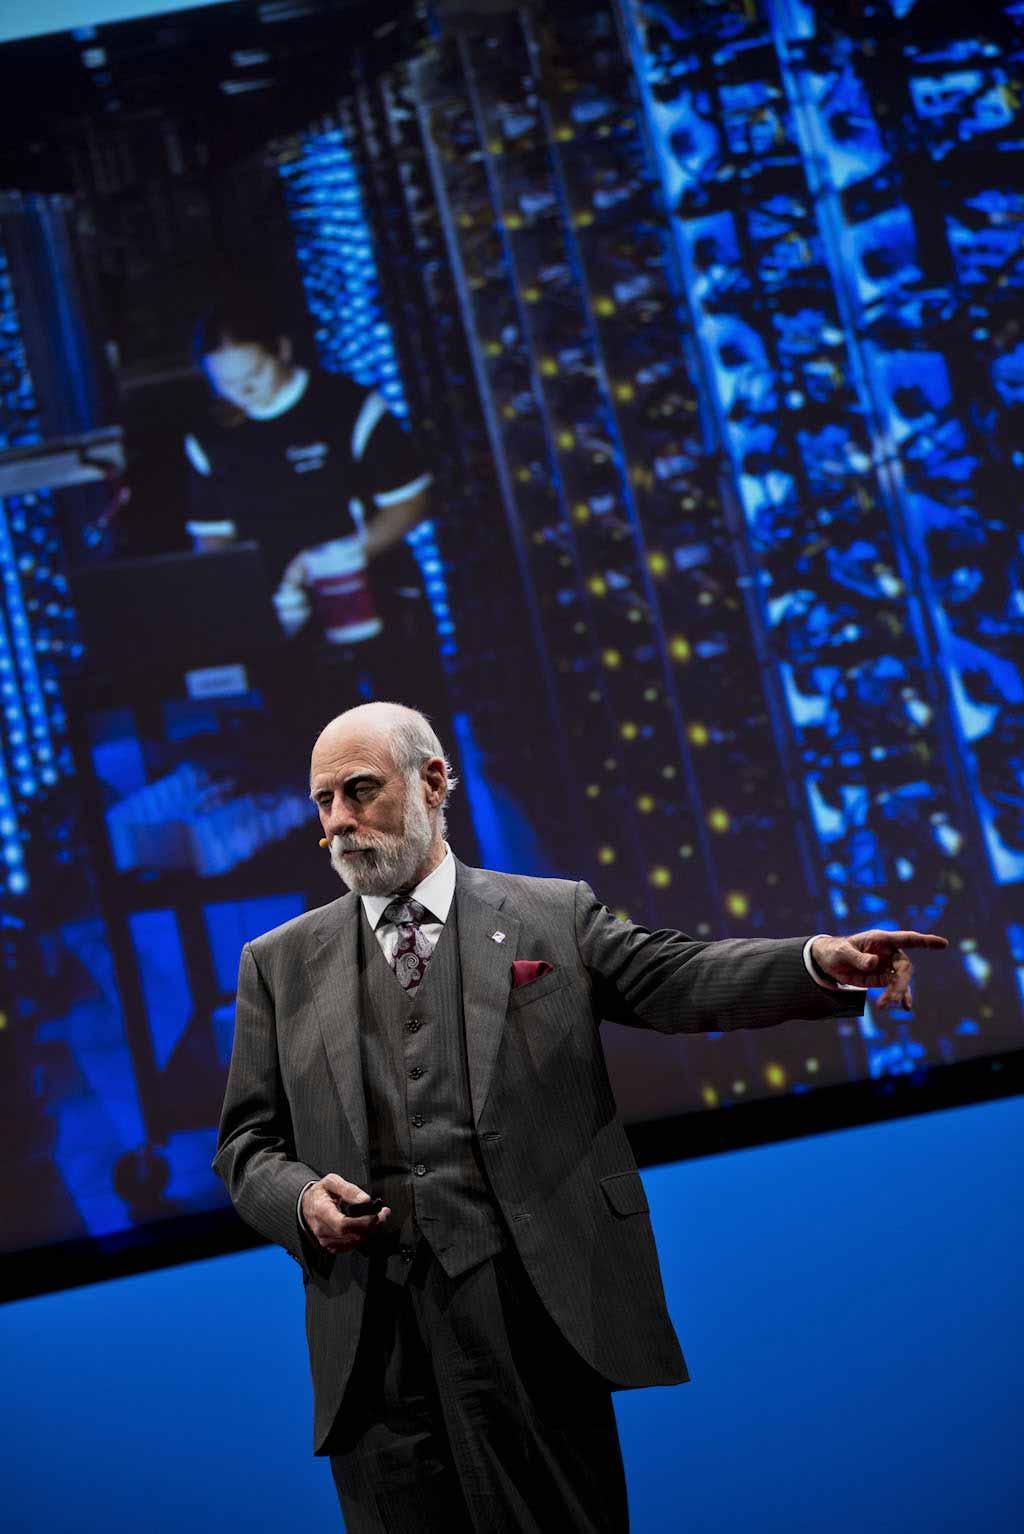 Fotografare un evento: il TEDxRoma. Vinton Cerf, fotografia di Giulio Riotta.